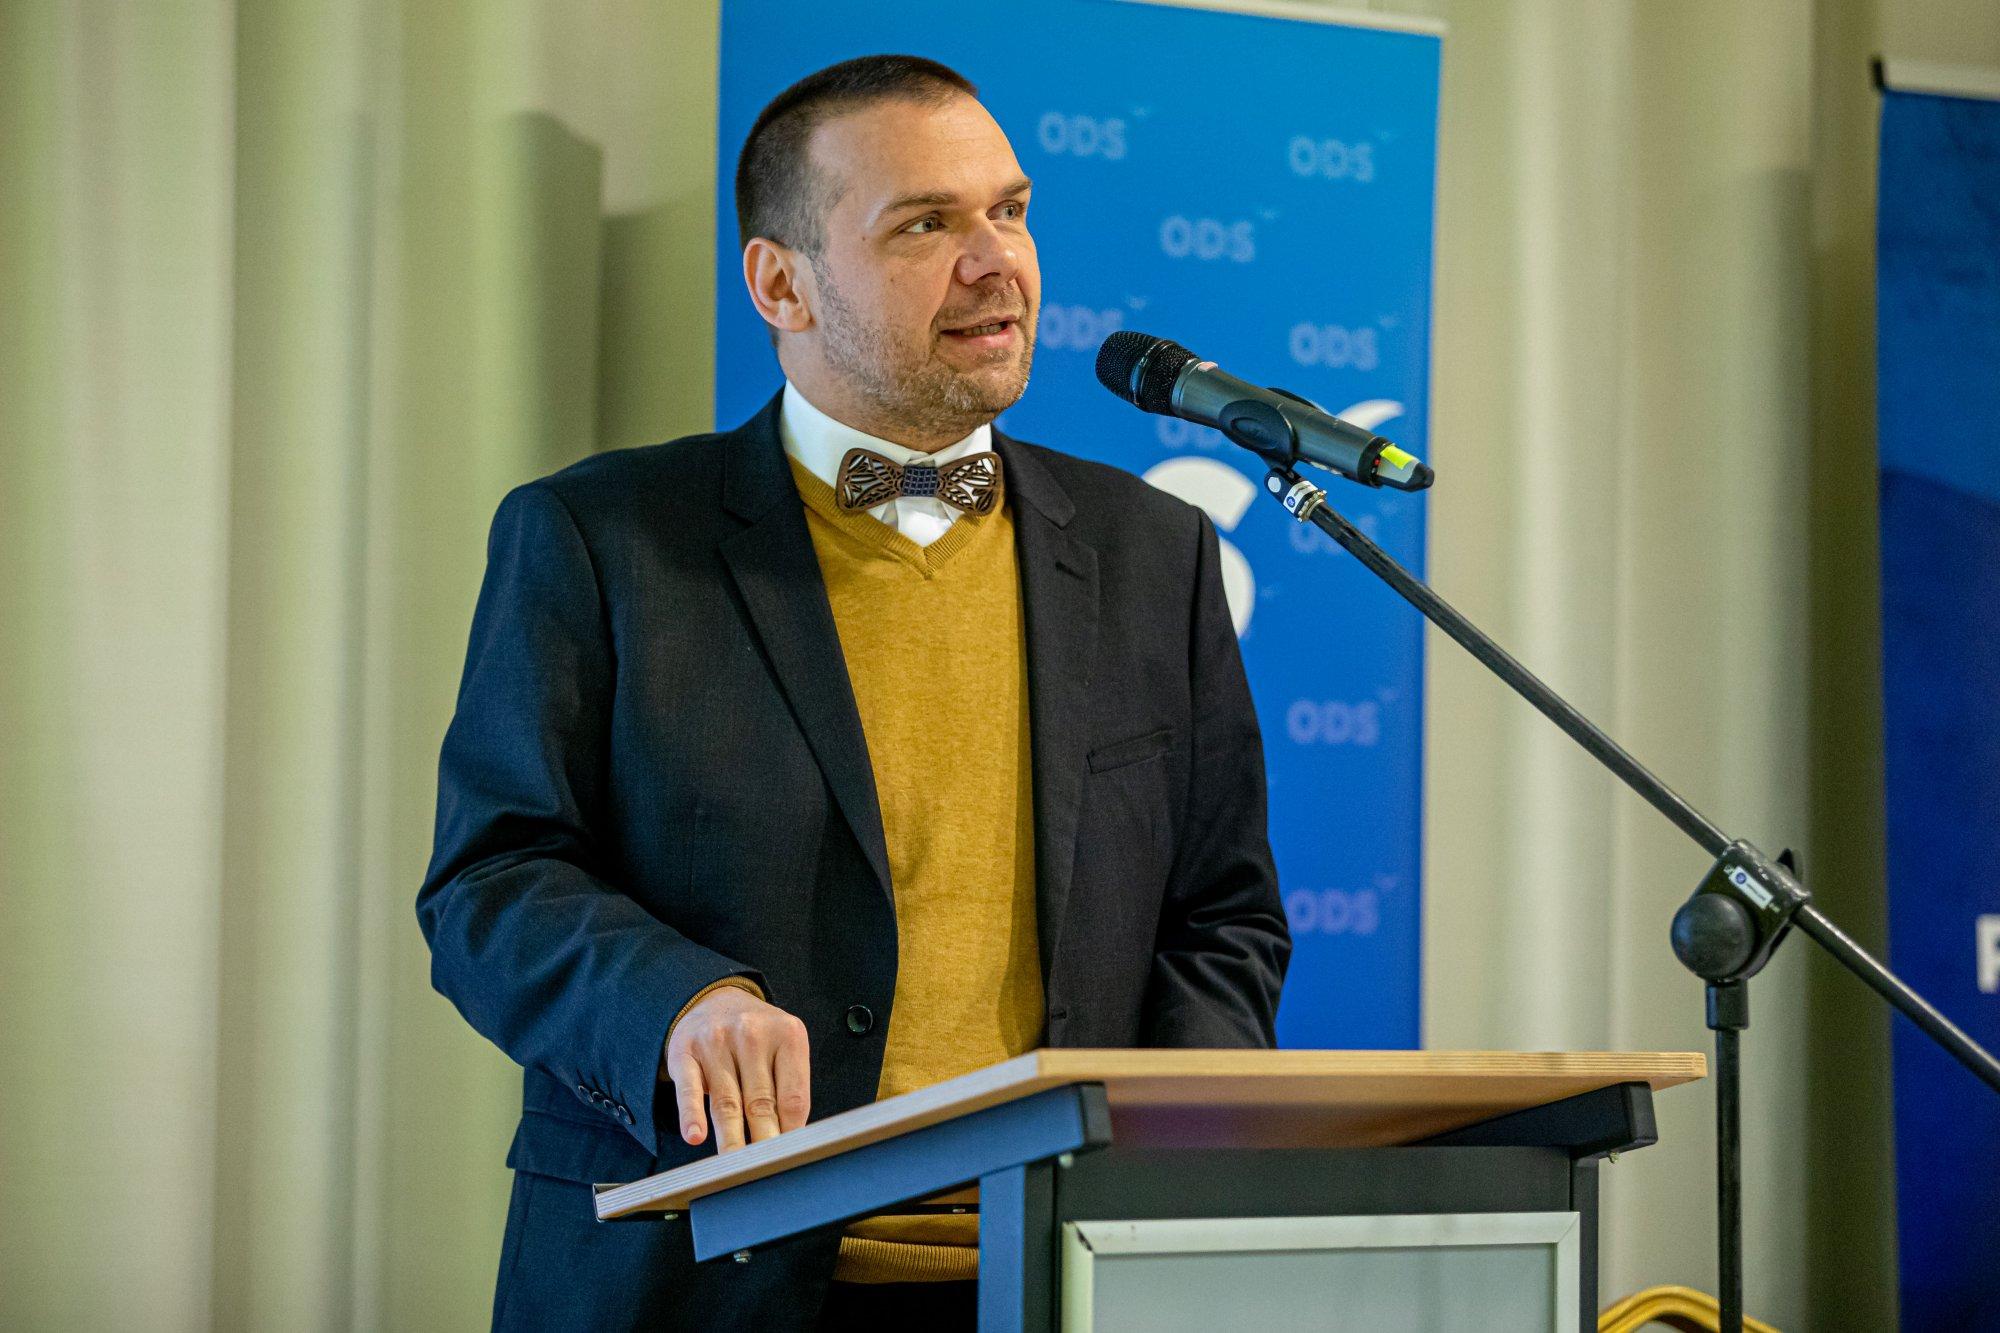 Martin Baxa: O přijímačkách a maturitách má rozhodovat Parlament, ne ministerstvo